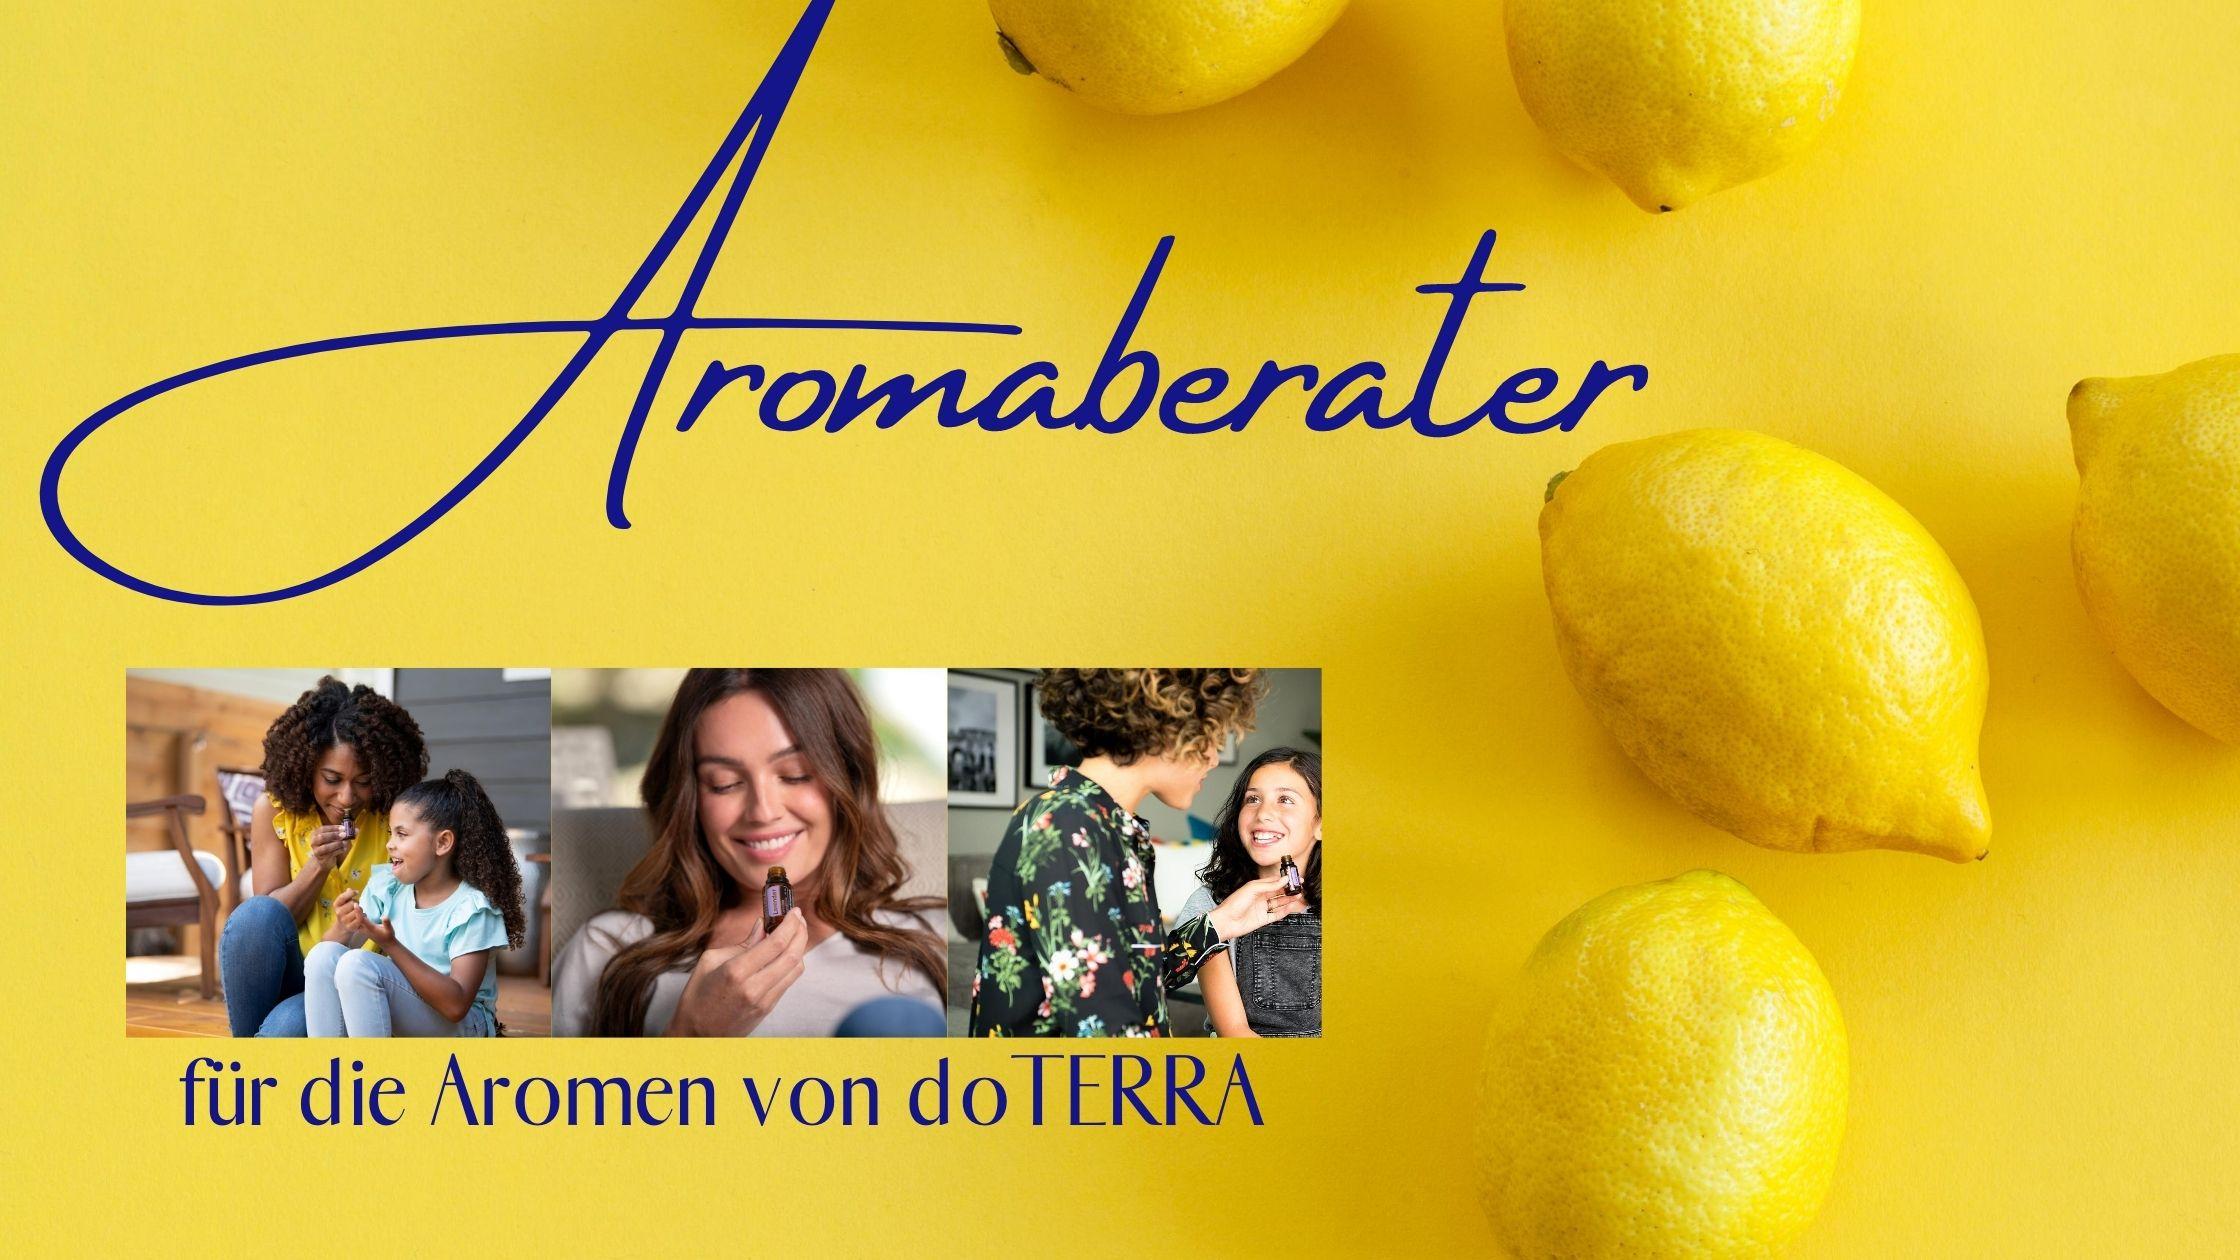 Aromaberater für die Aromen von doTERRA